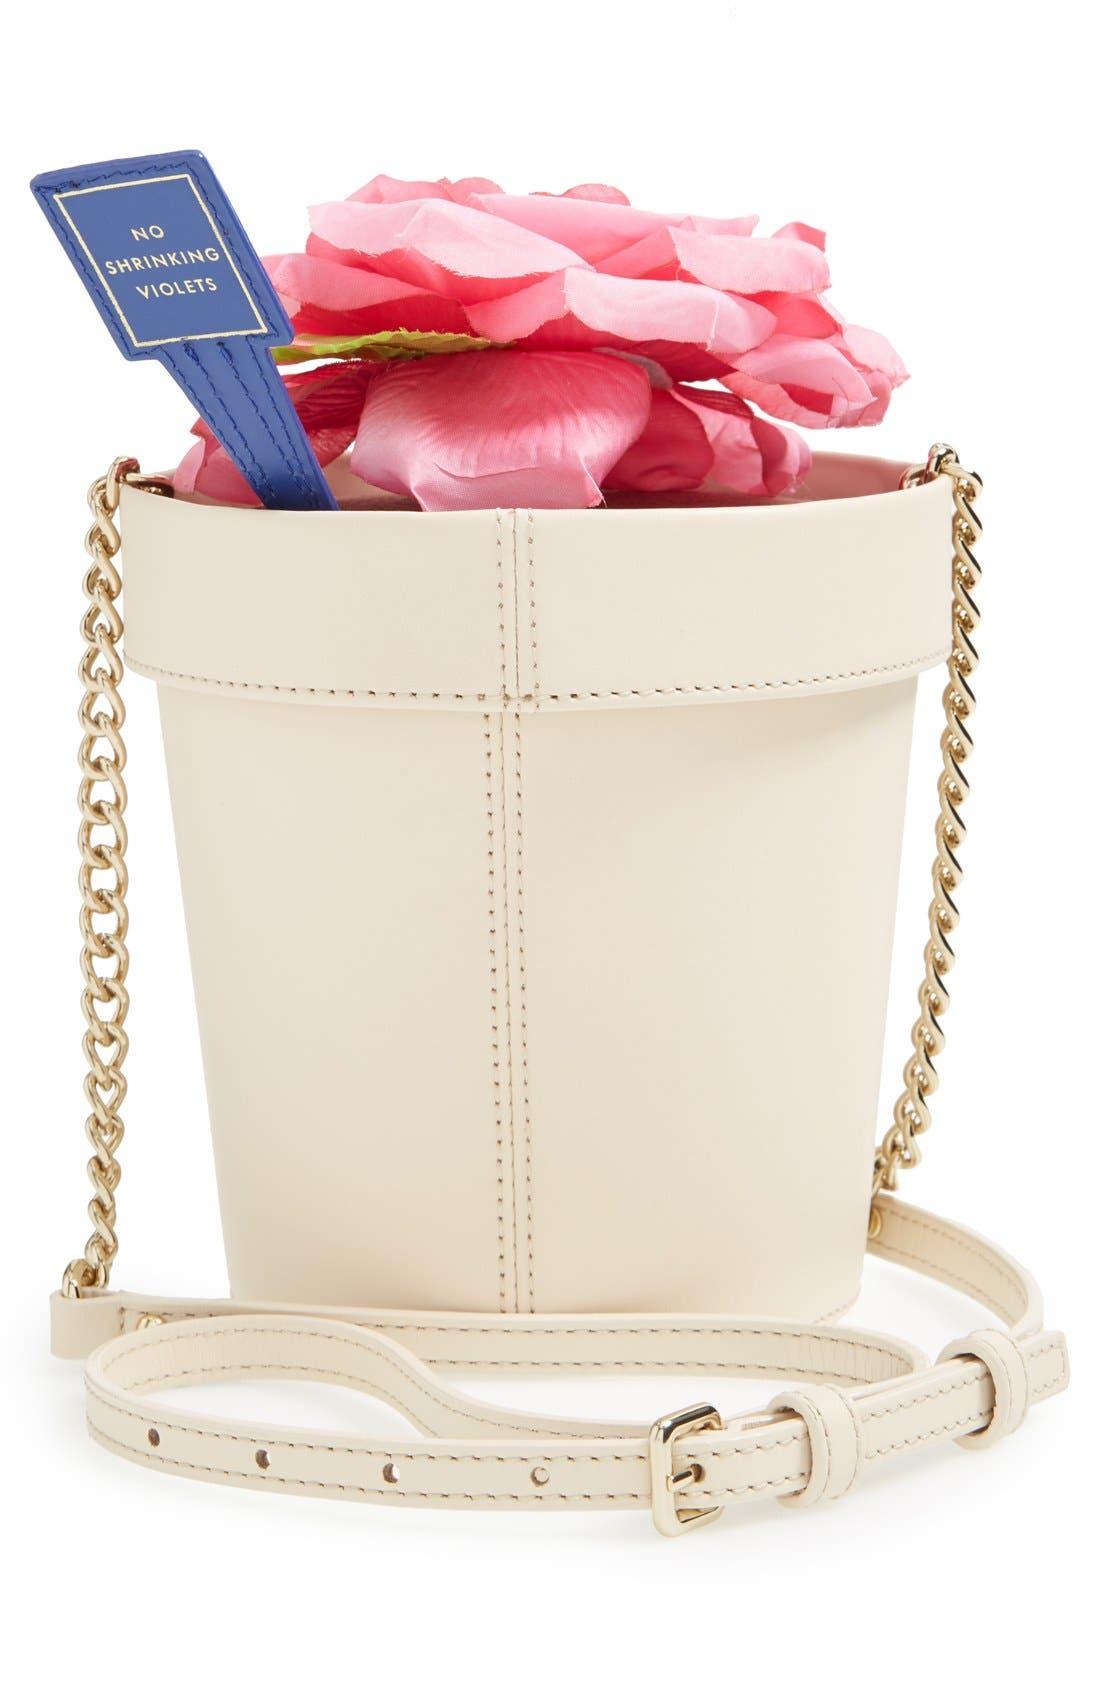 KATE SPADE NEW YORK, 'spring forward - flowerpot' crossbody bag, Alternate thumbnail 5, color, 100